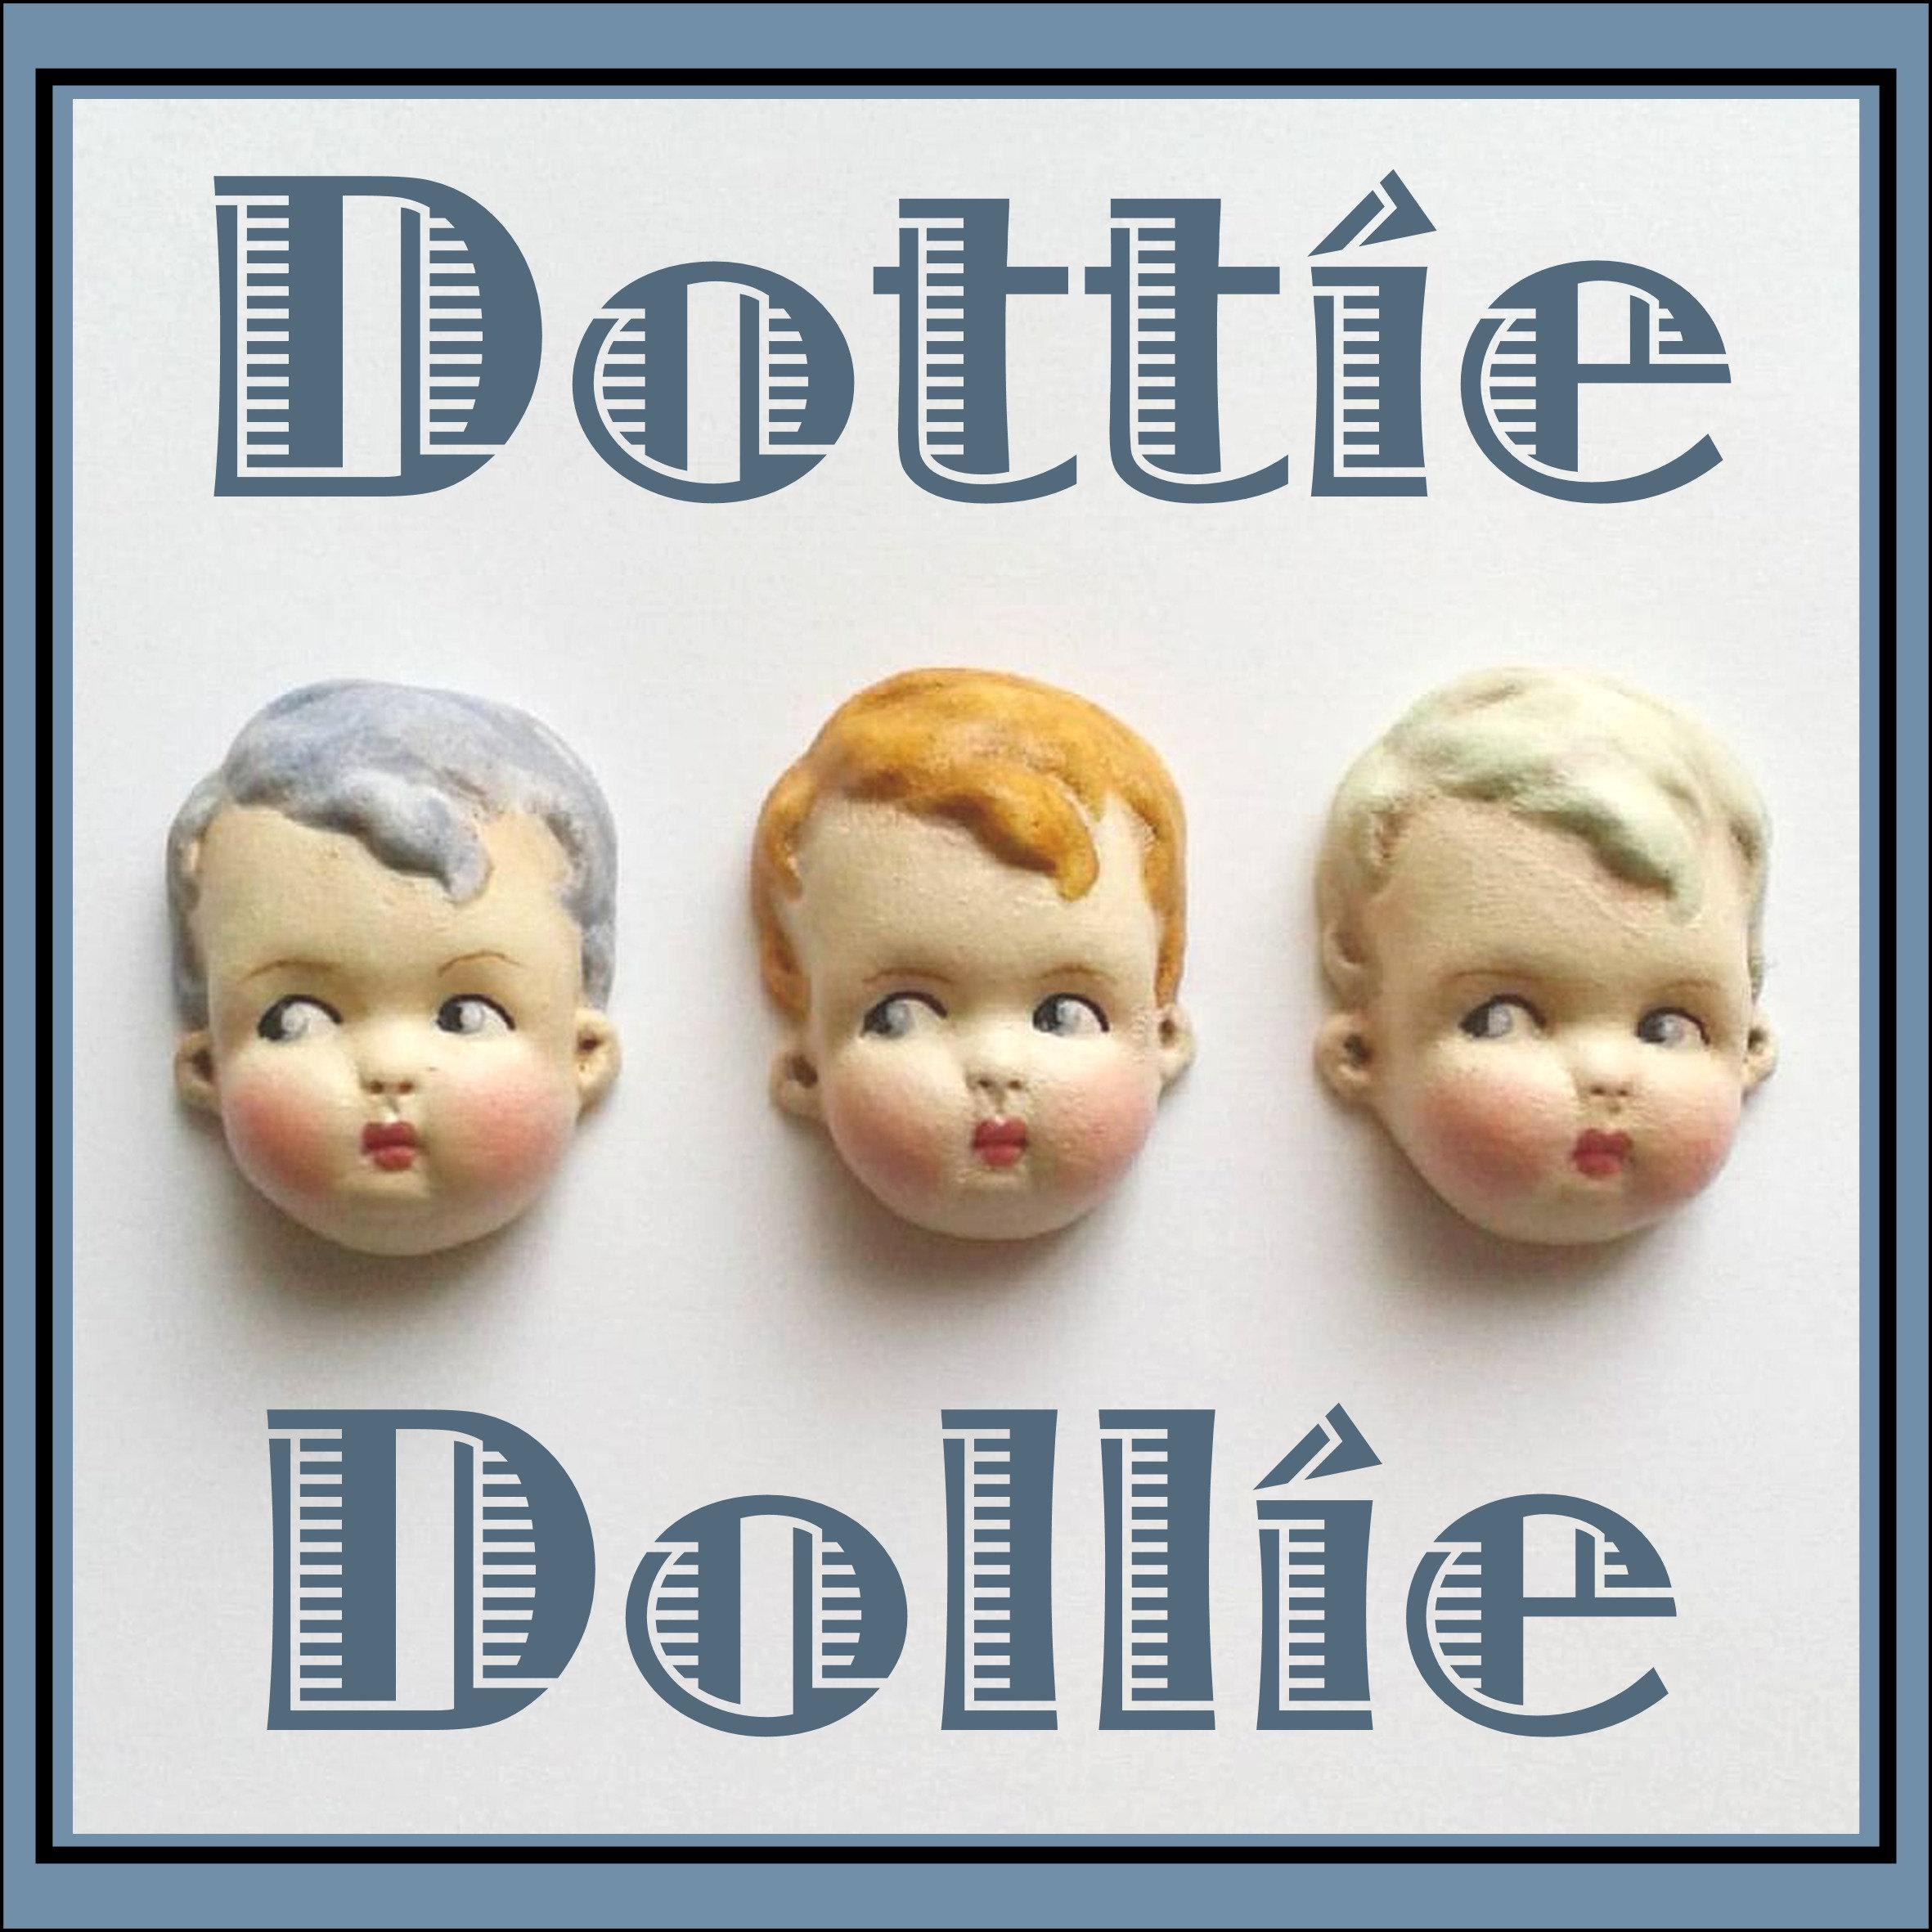 DottieDollie